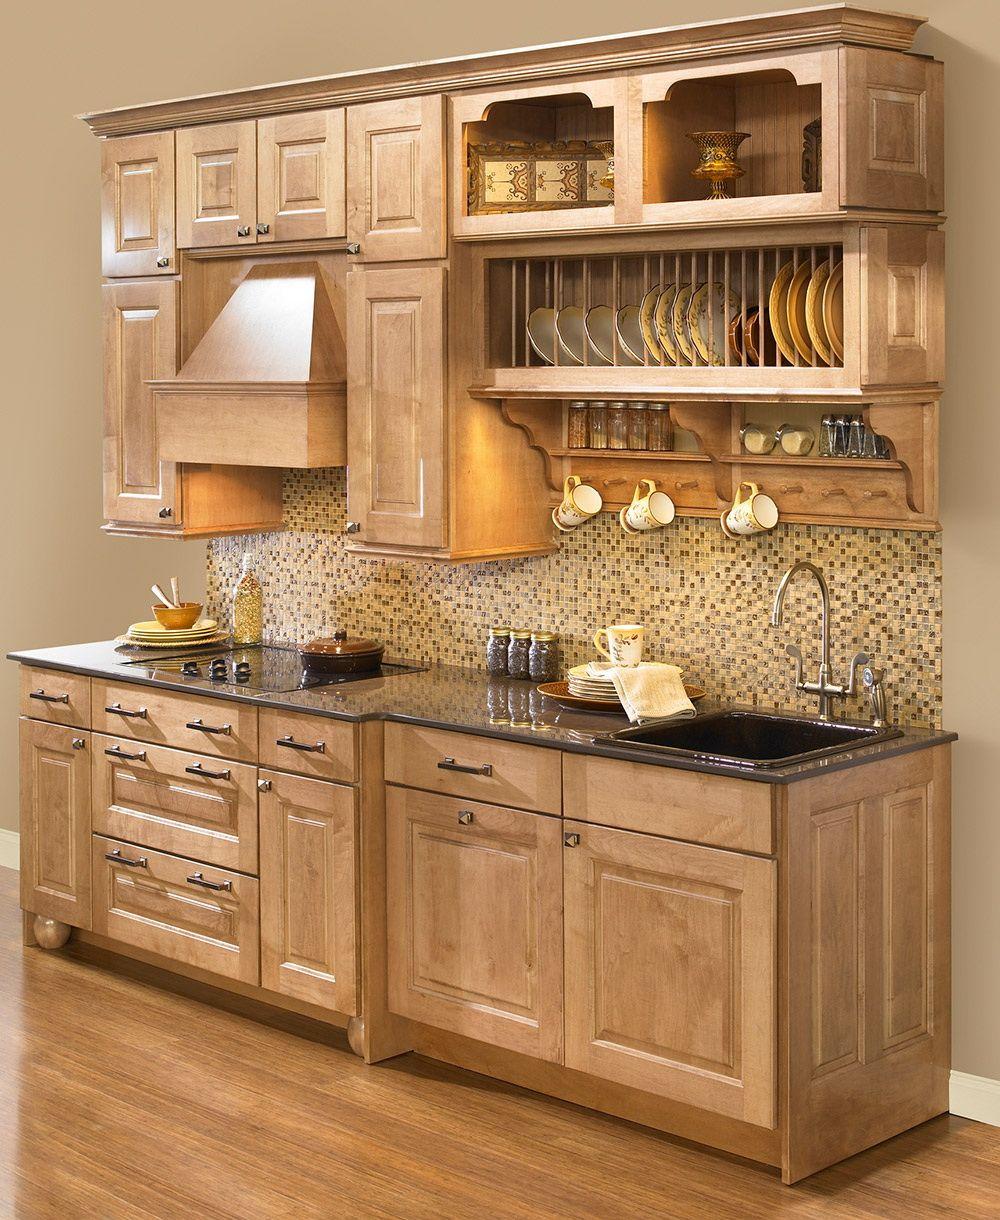 других кухонный гарнитур из дерева своими руками фото рендеров использован